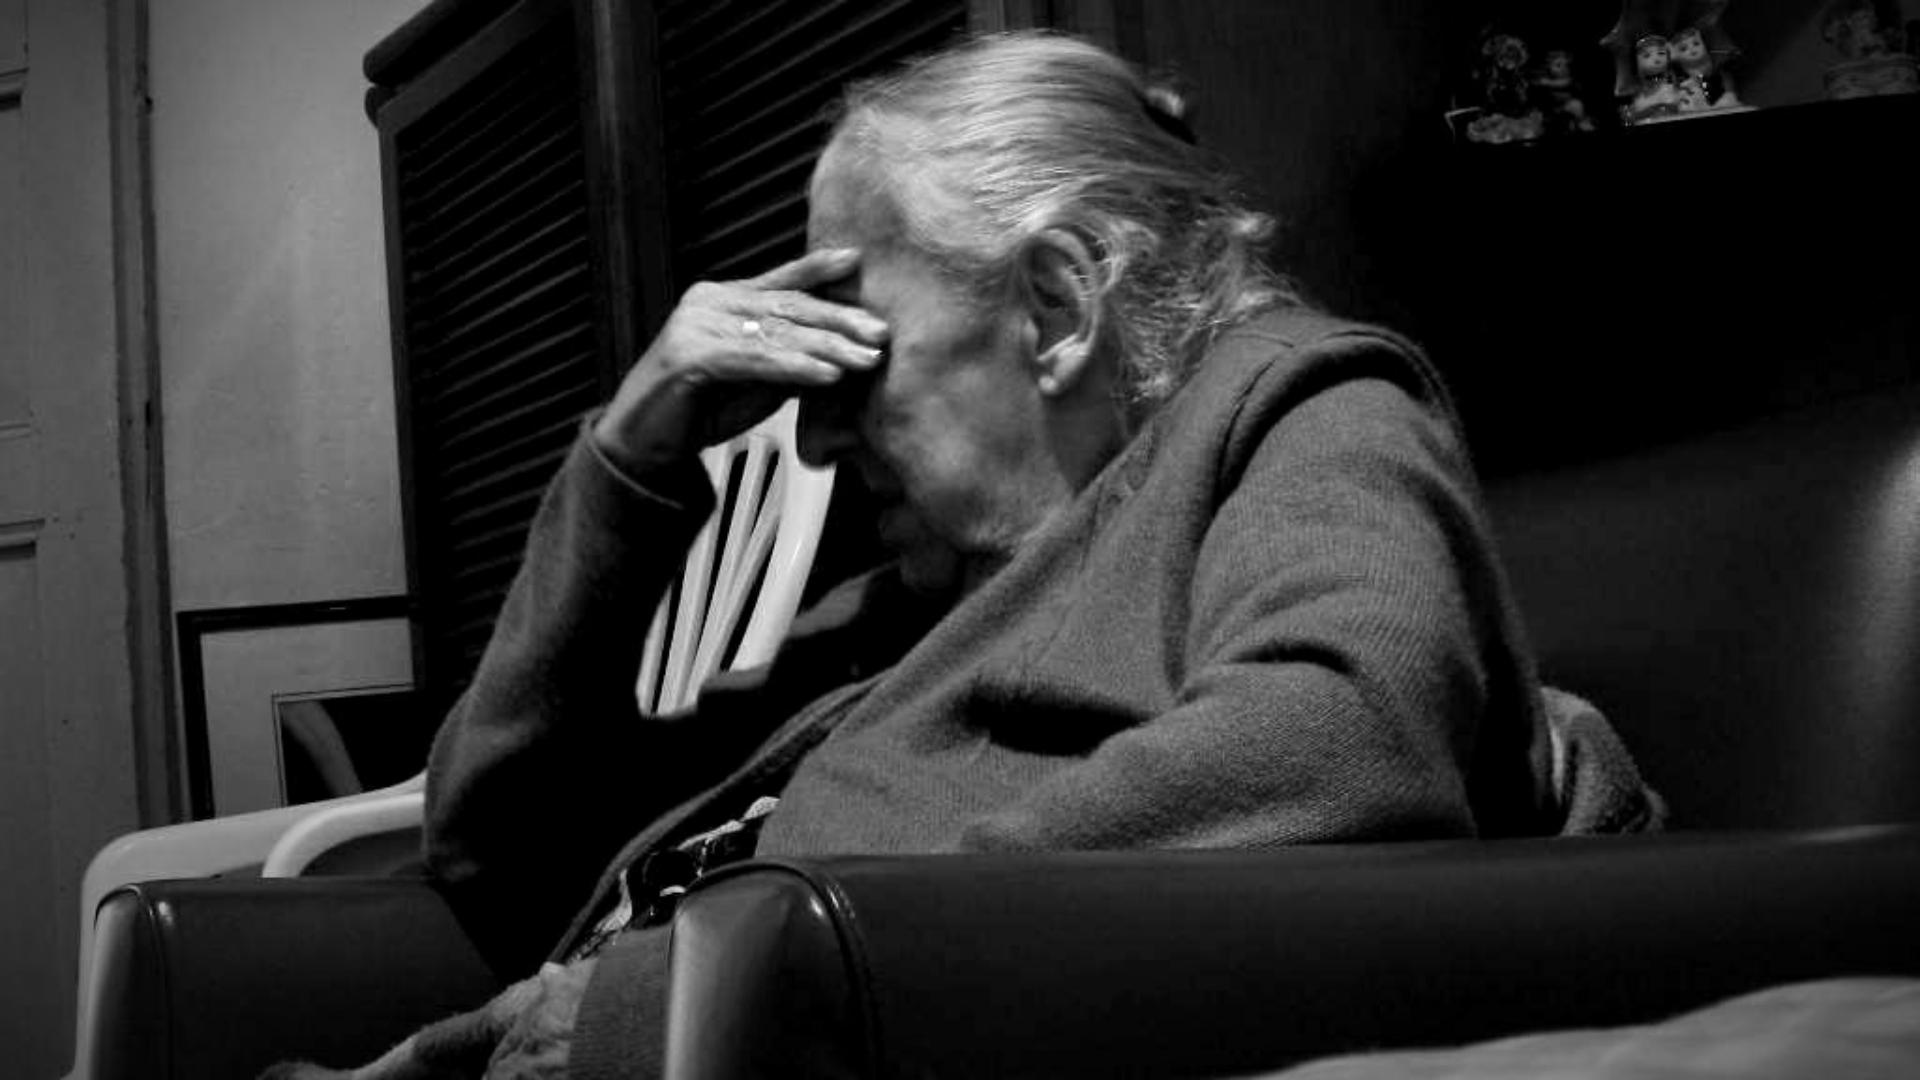 """O bătrânică din Brașov, izolată la domiciliu: """"Vă rog, îmi este foame! O pâine imi luați și mie vă dau banii când iau pensia"""""""